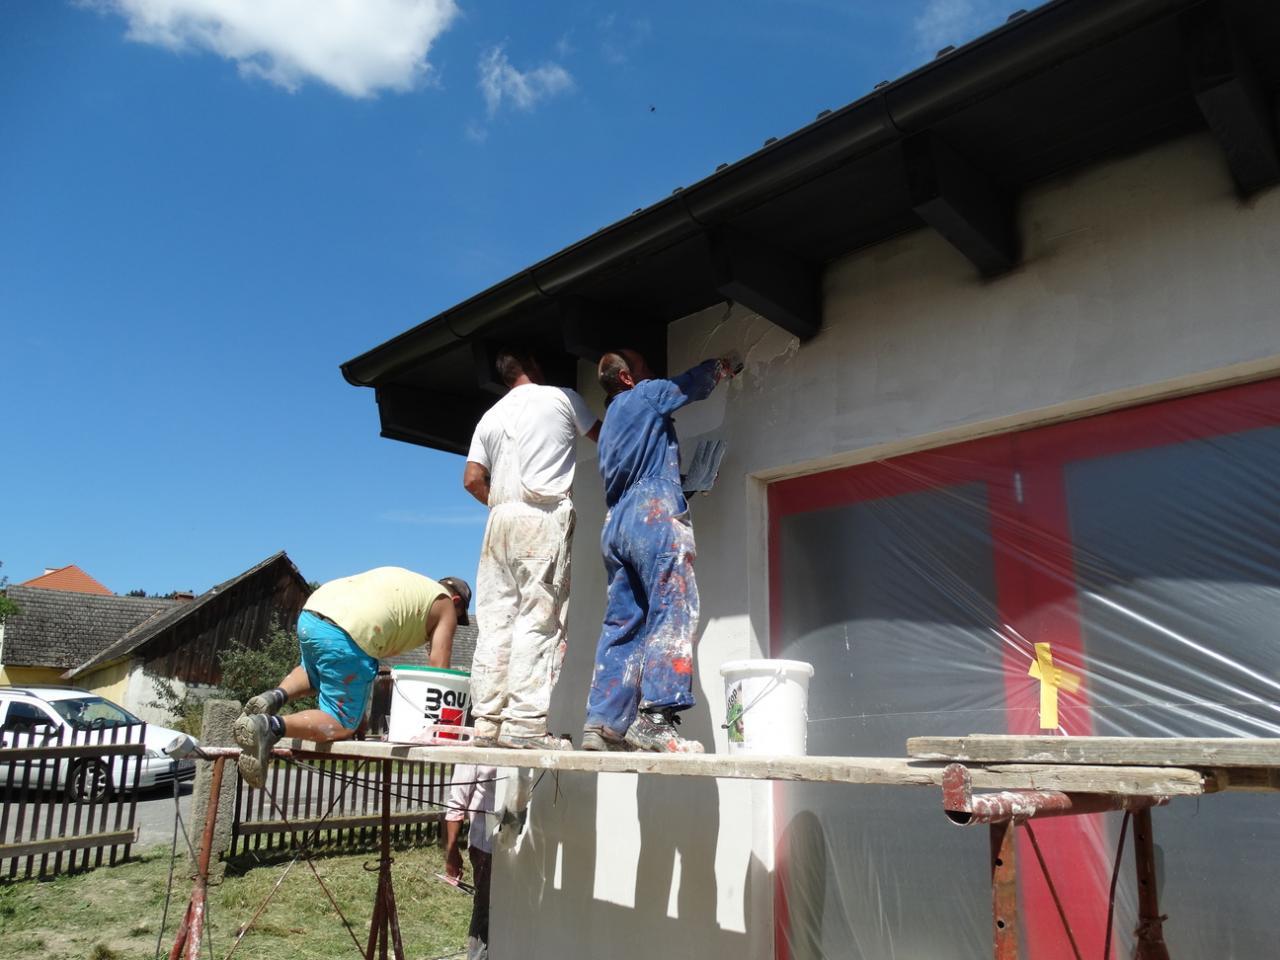 2015 07 16 fassade ff haus stuehle streichen 12 - Fassade Streichen